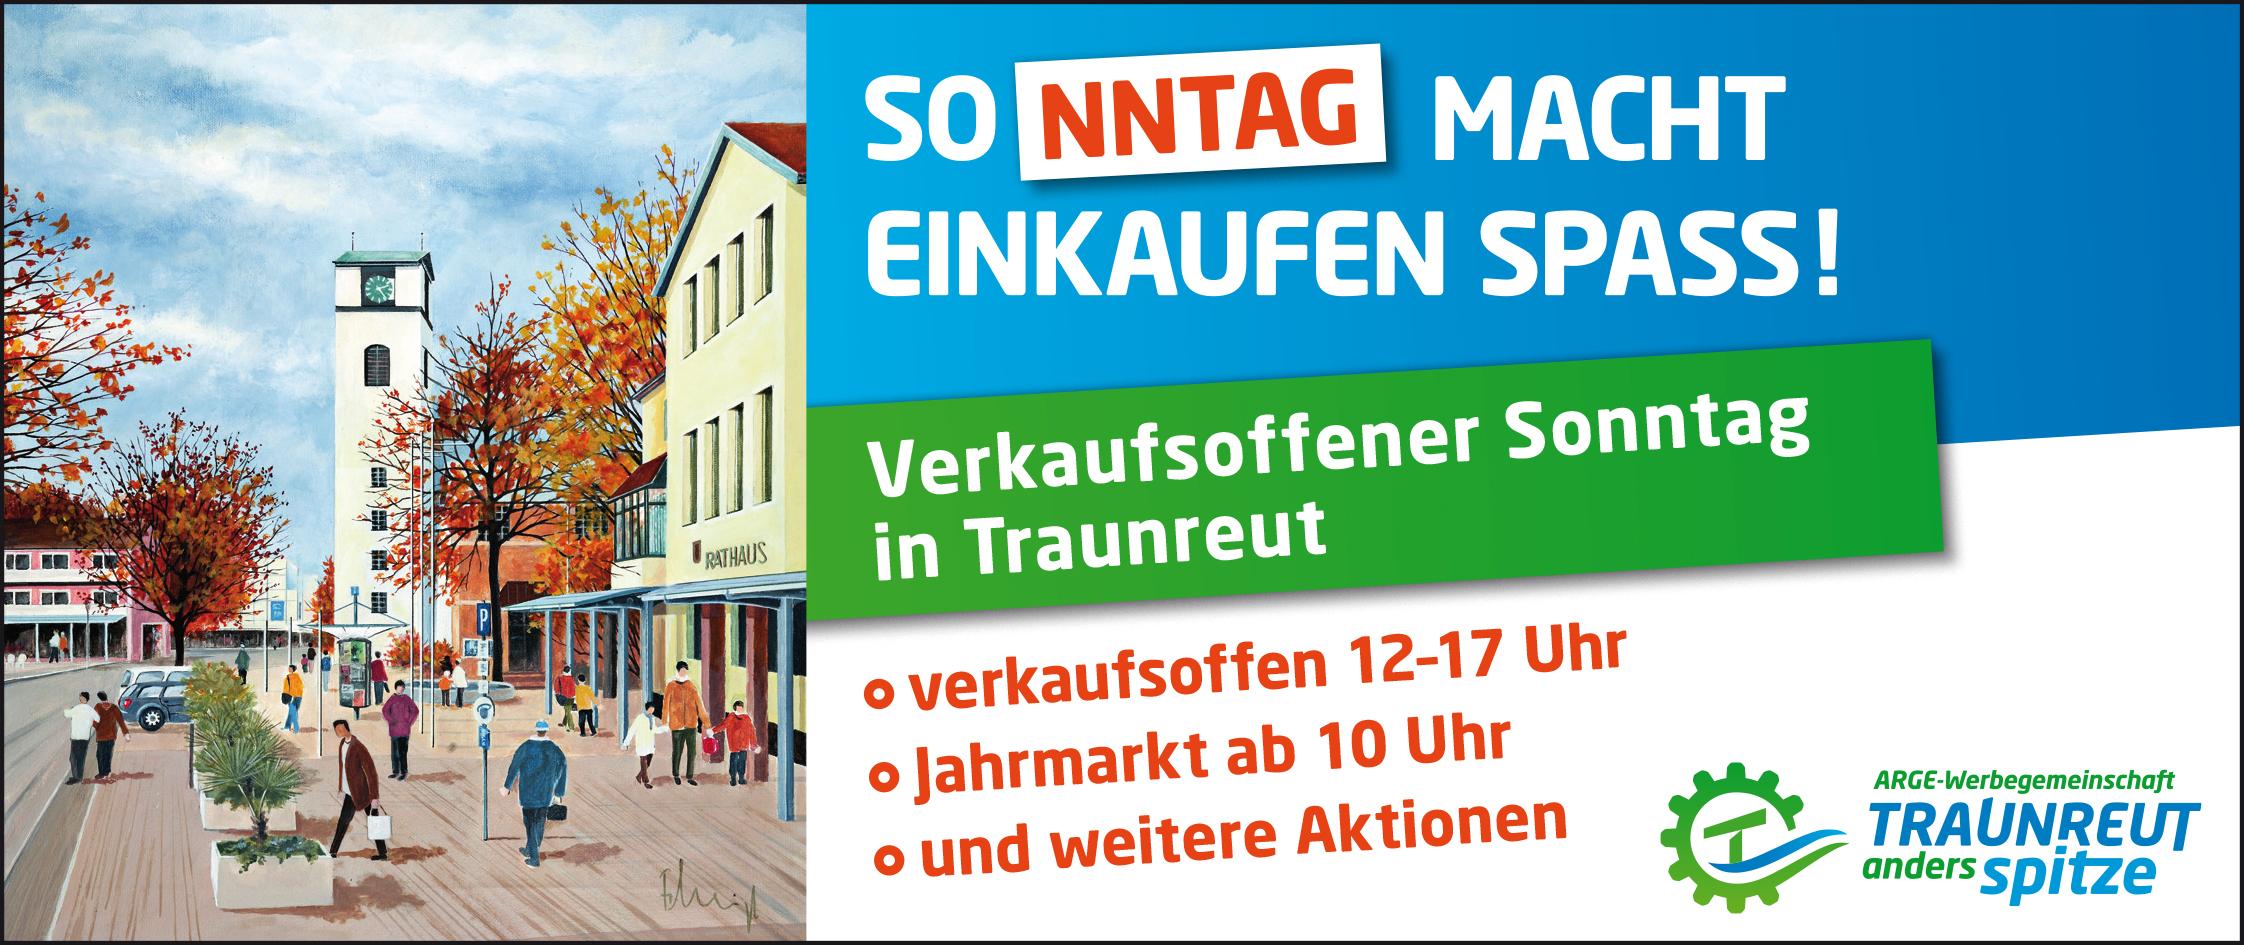 3. Verkaufsoffener Sonntag: Trödel- und Flohmarkt